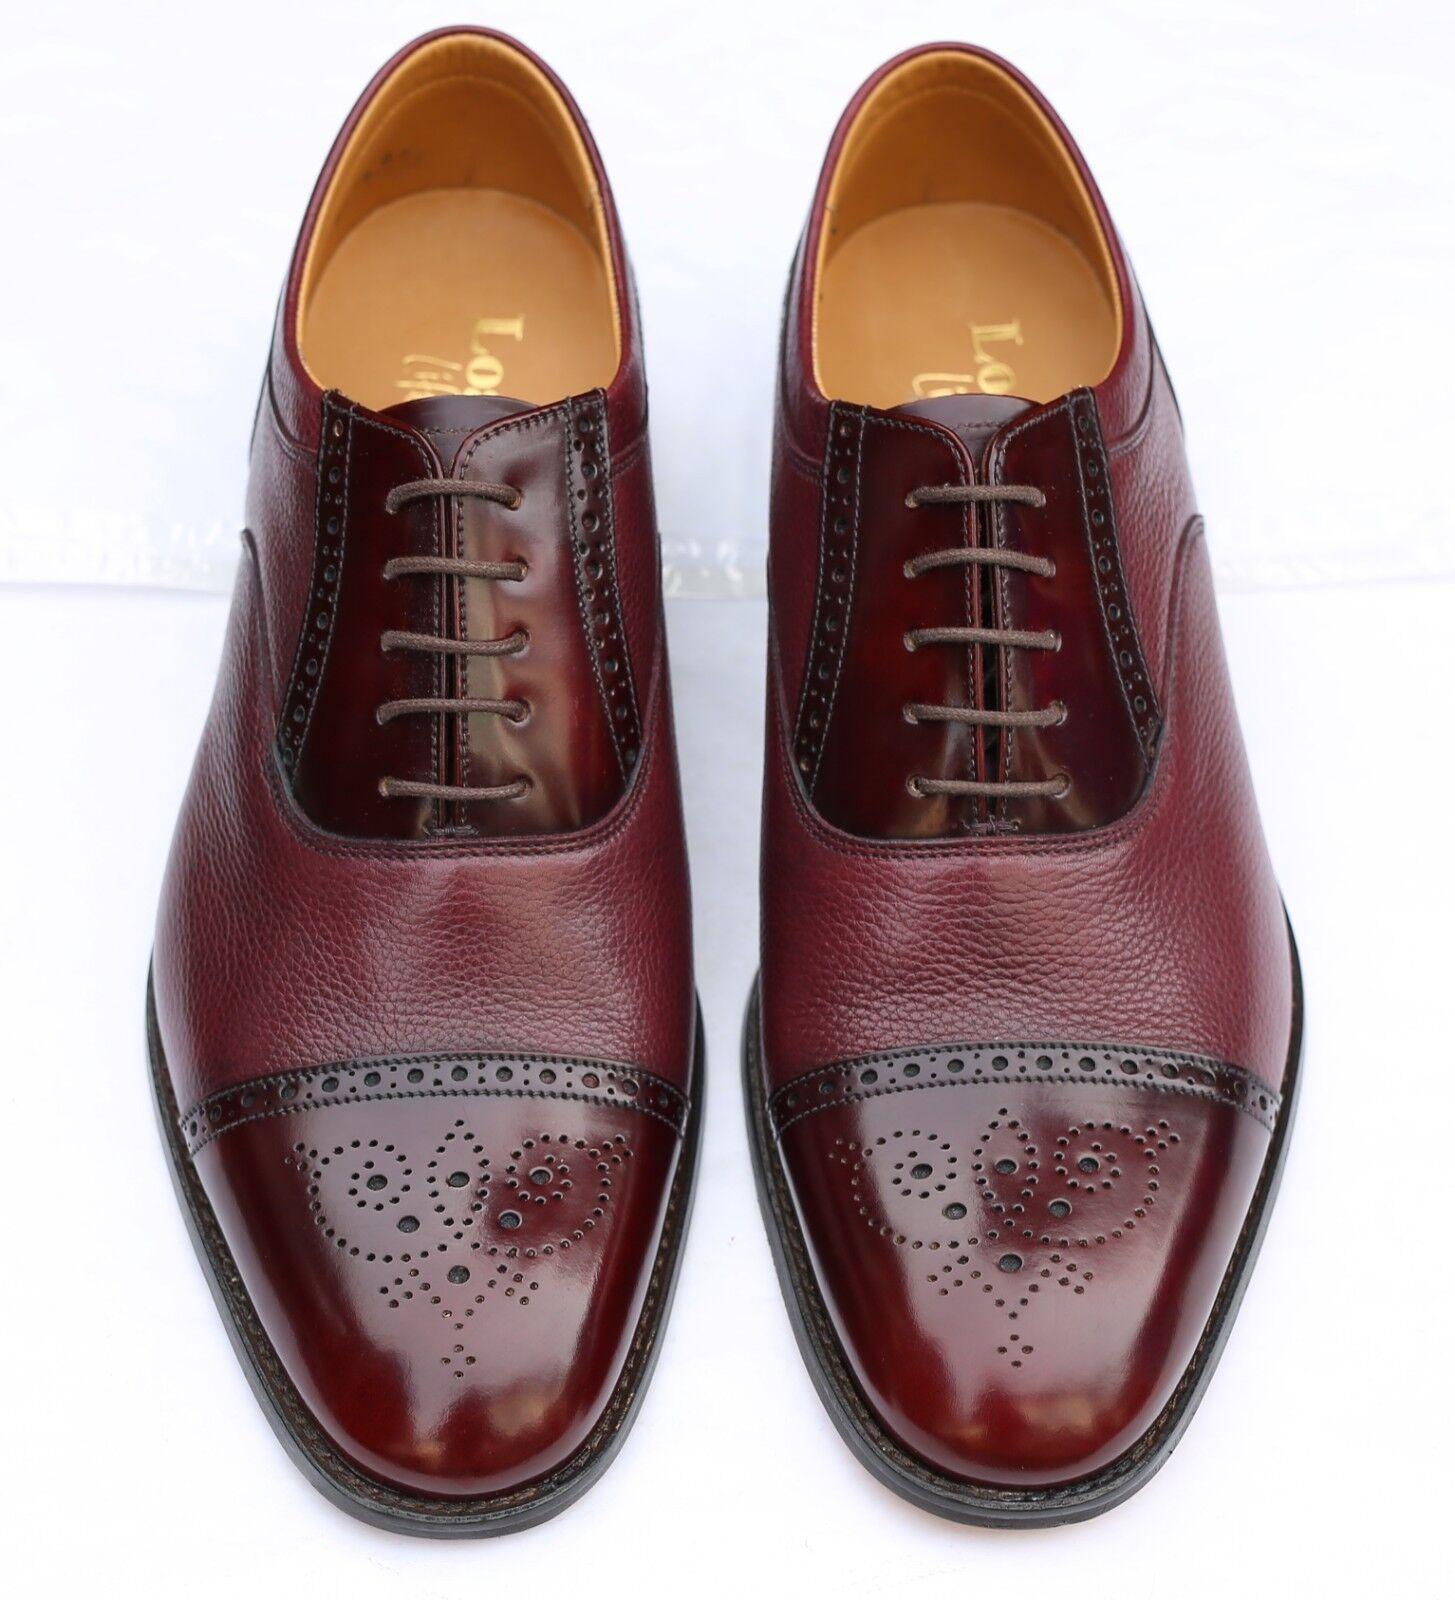 Nuevo Loake 'Woodstock' Borgoña Oxford Cuero Zapatos 7.5 Reino Unido 41.5 UE-G